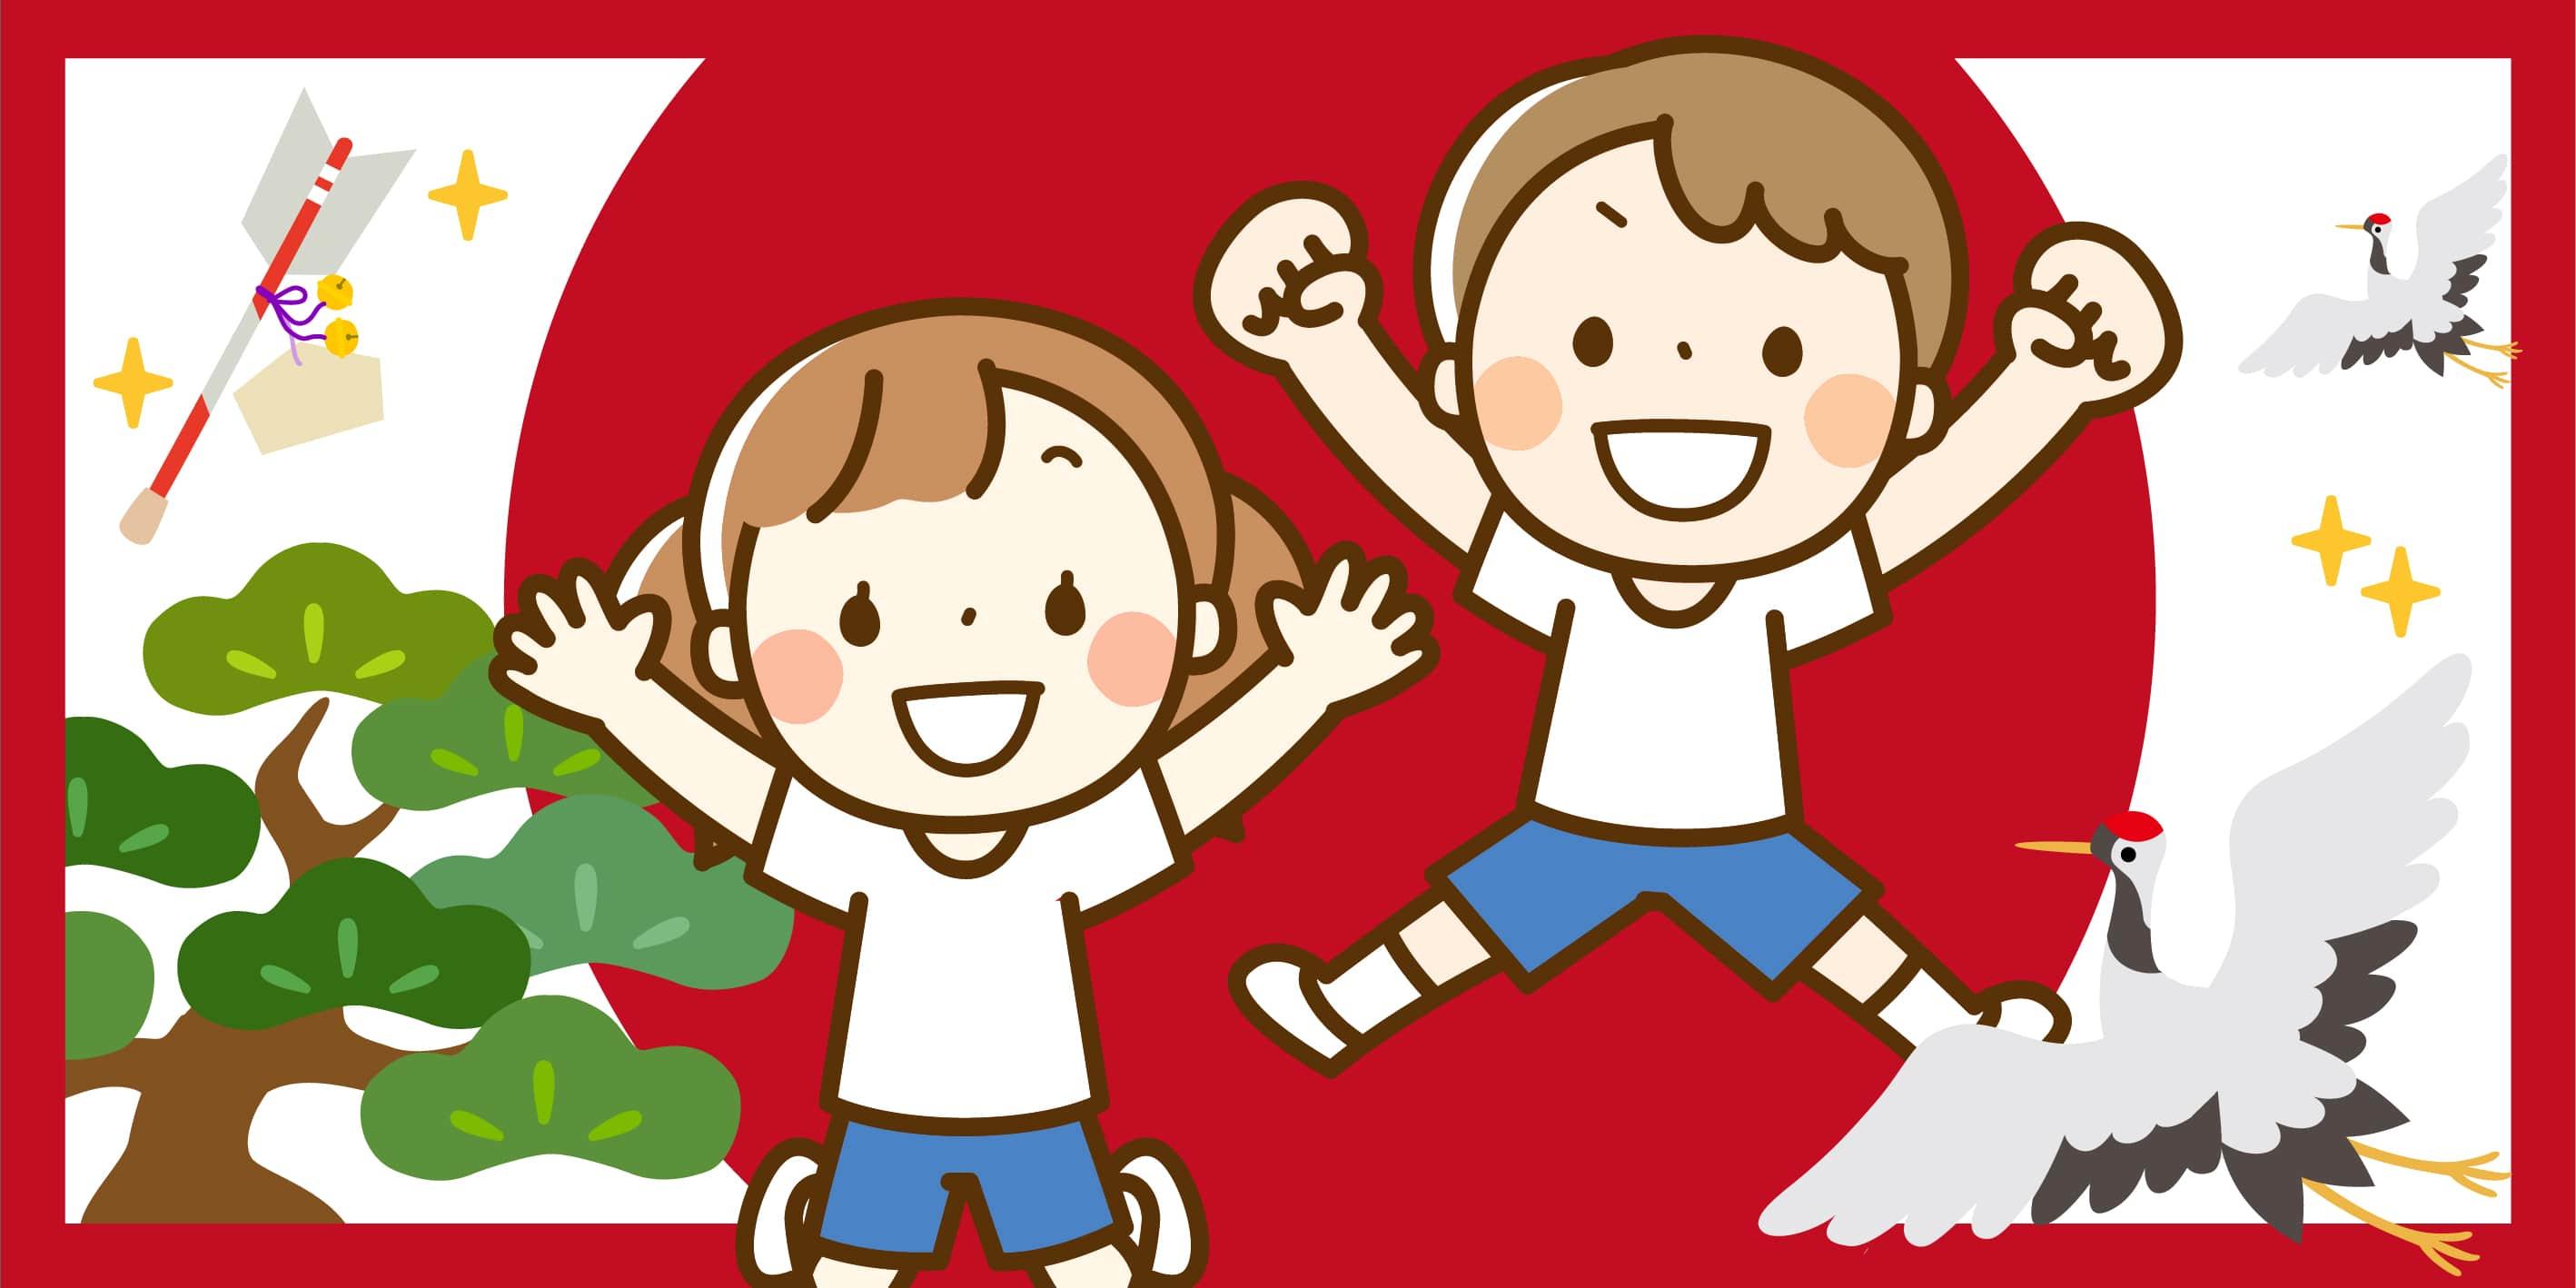 我們認為良好的語言教育  不只來自於專業的師資及豐富的教學經歷,更該配合兒童的學習步伐去激勵他、啟發他,也因此,群筑兒童日文會話  課程強調遊戲式學習及小班制教學,透過圖文互動,完整激發孩童對日文學習的天賦及熱忱,徹底把握日文的  聽、說、讀、寫每個部分